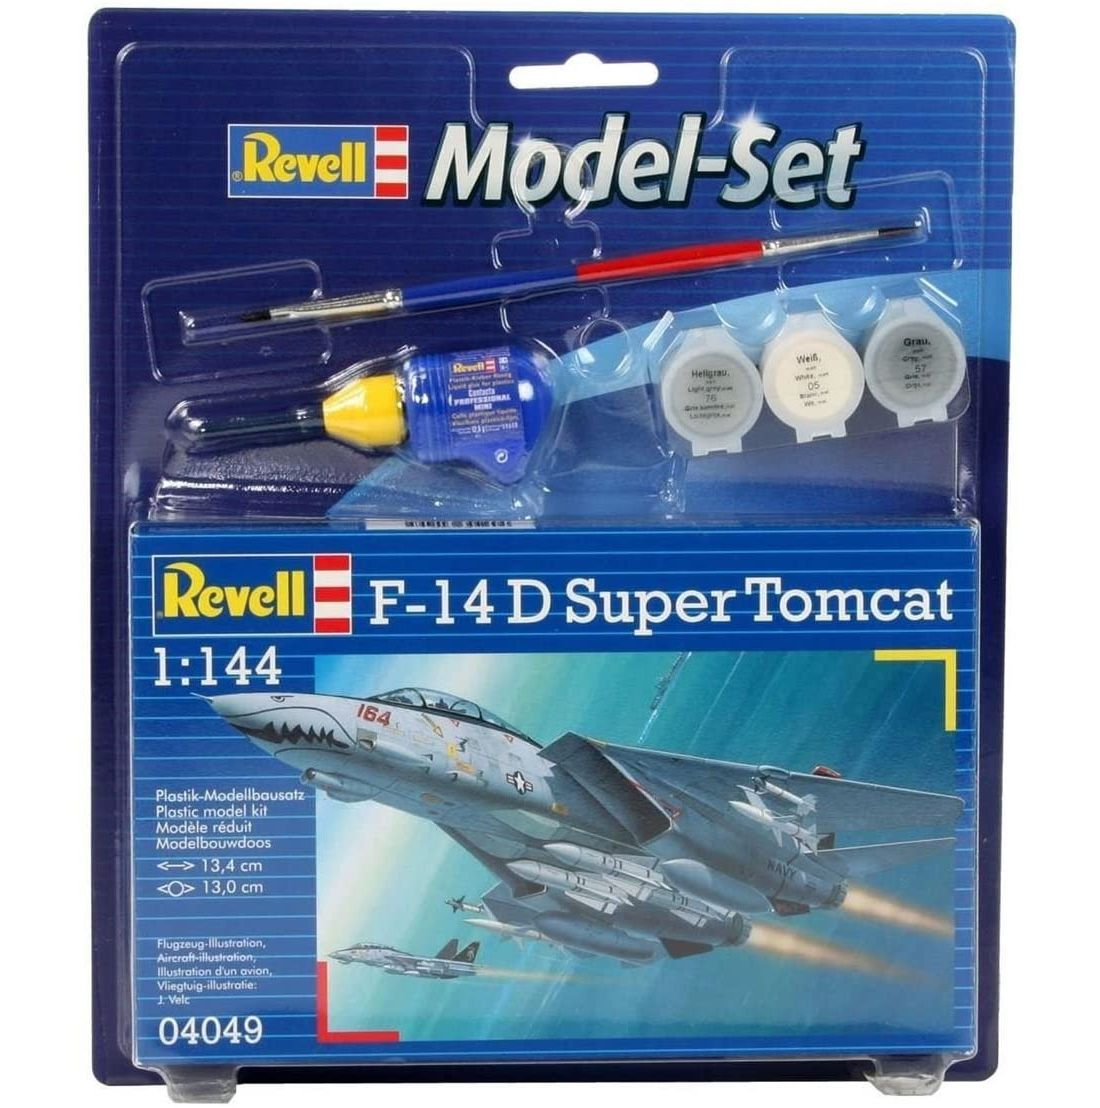 Model-Set F-14D Super Tomcat - 1/144 - Revell 64049  - BLIMPS COMÉRCIO ELETRÔNICO